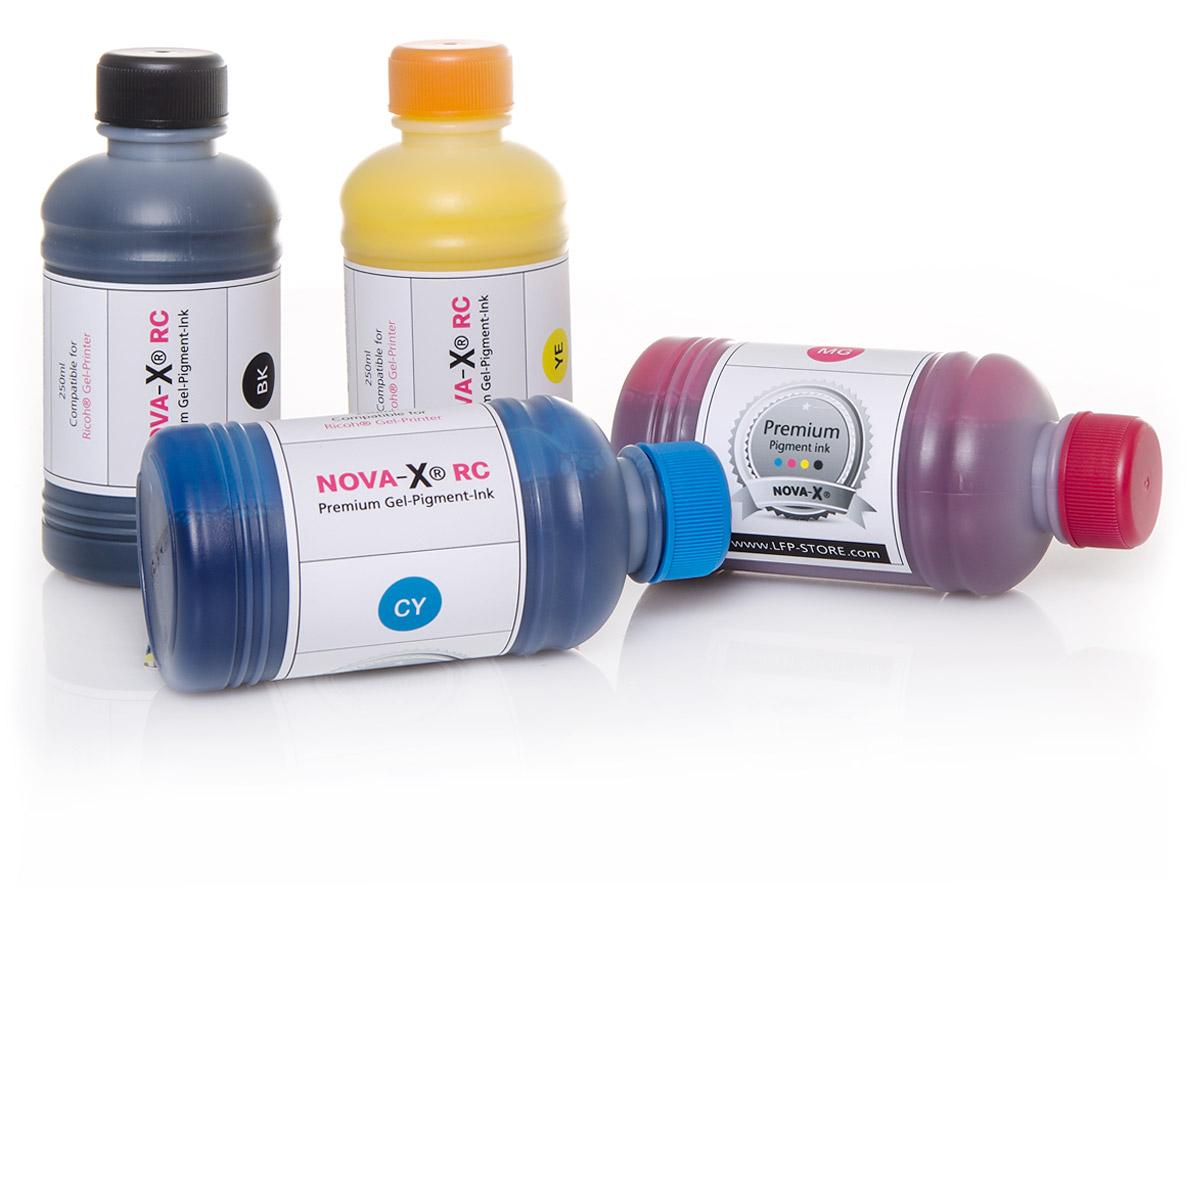 250ml | NOVA-X® RC | Pigmenttinte für Ricoh® GelJet Drucker